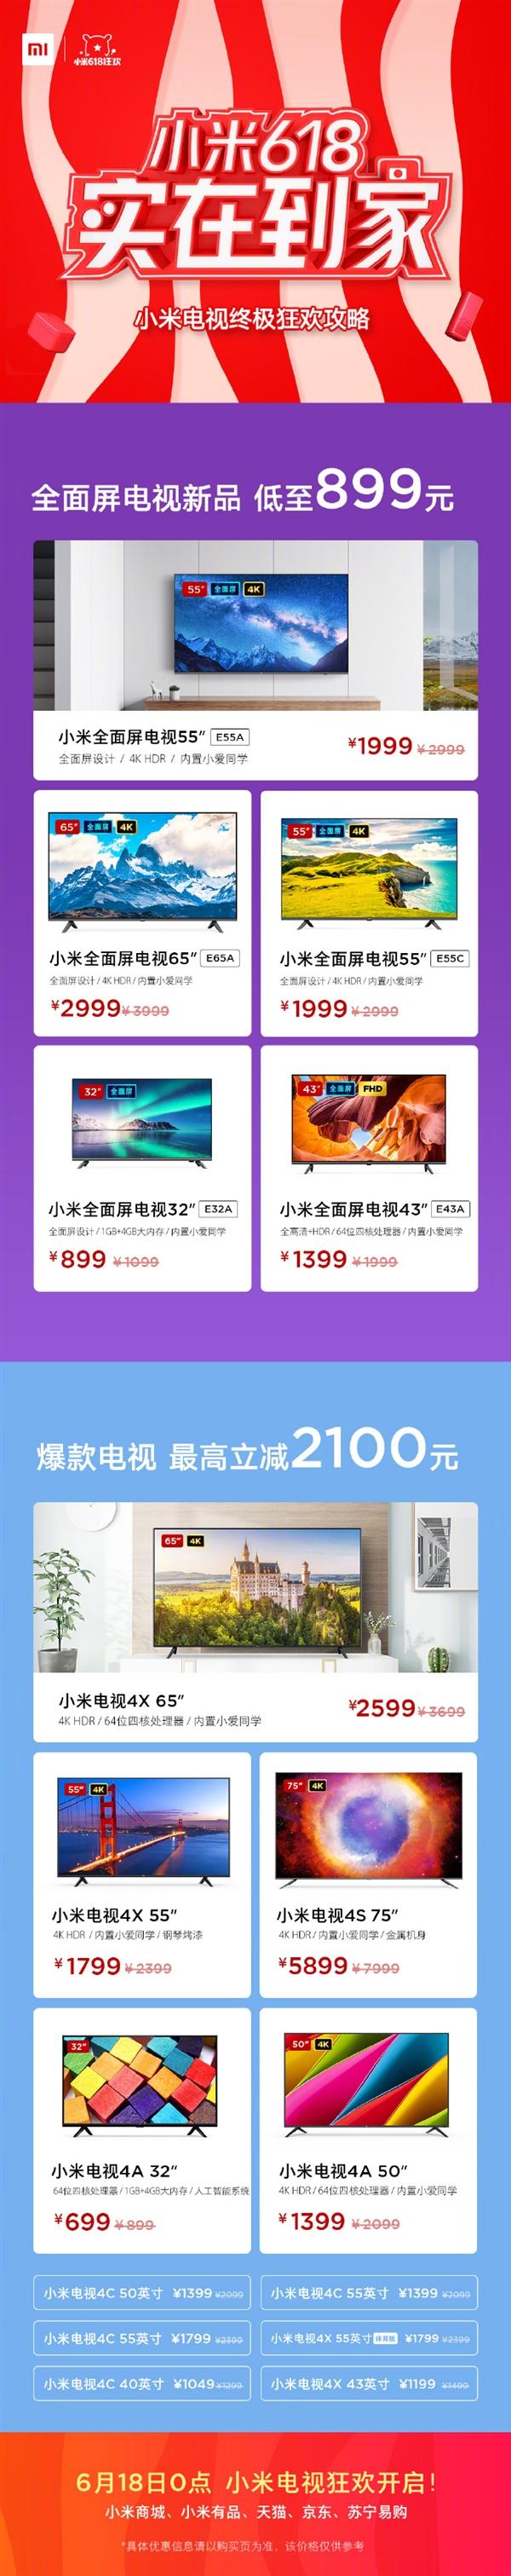 小米電視618終極攻略:最高直降2100元